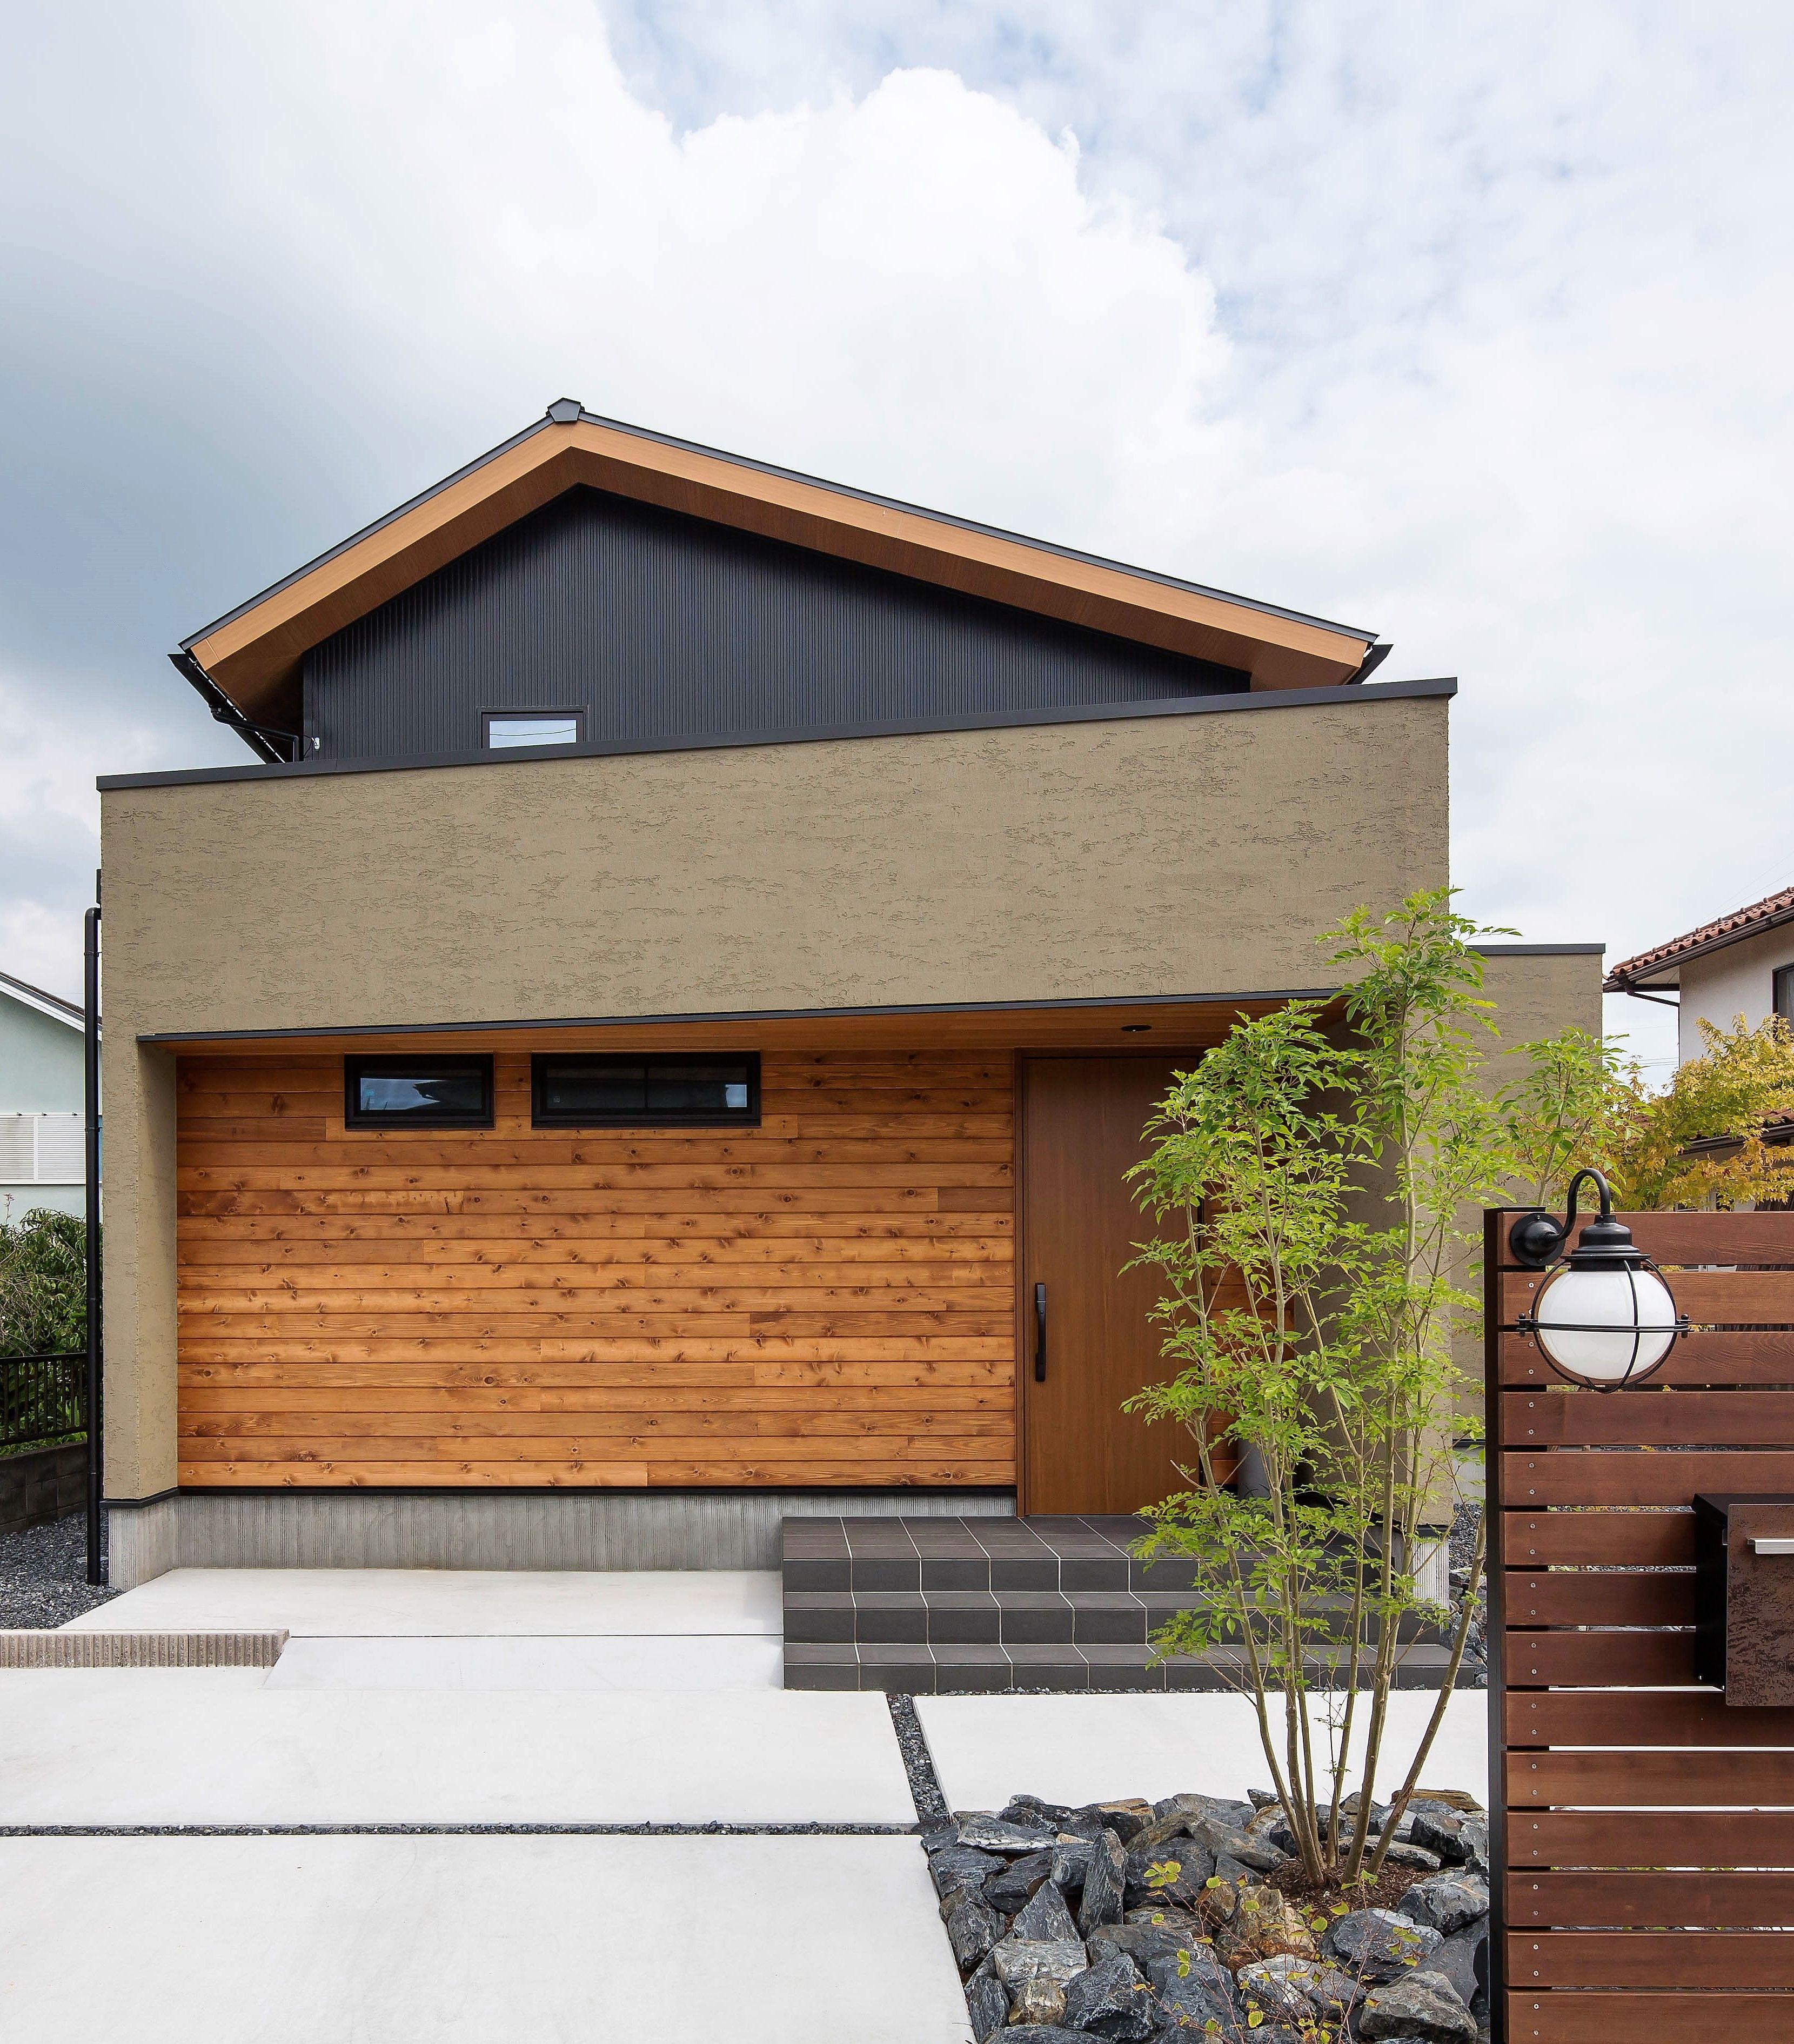 アシンメトリックな屋根形と斜めに切り取られたポーチが 住宅街の中で